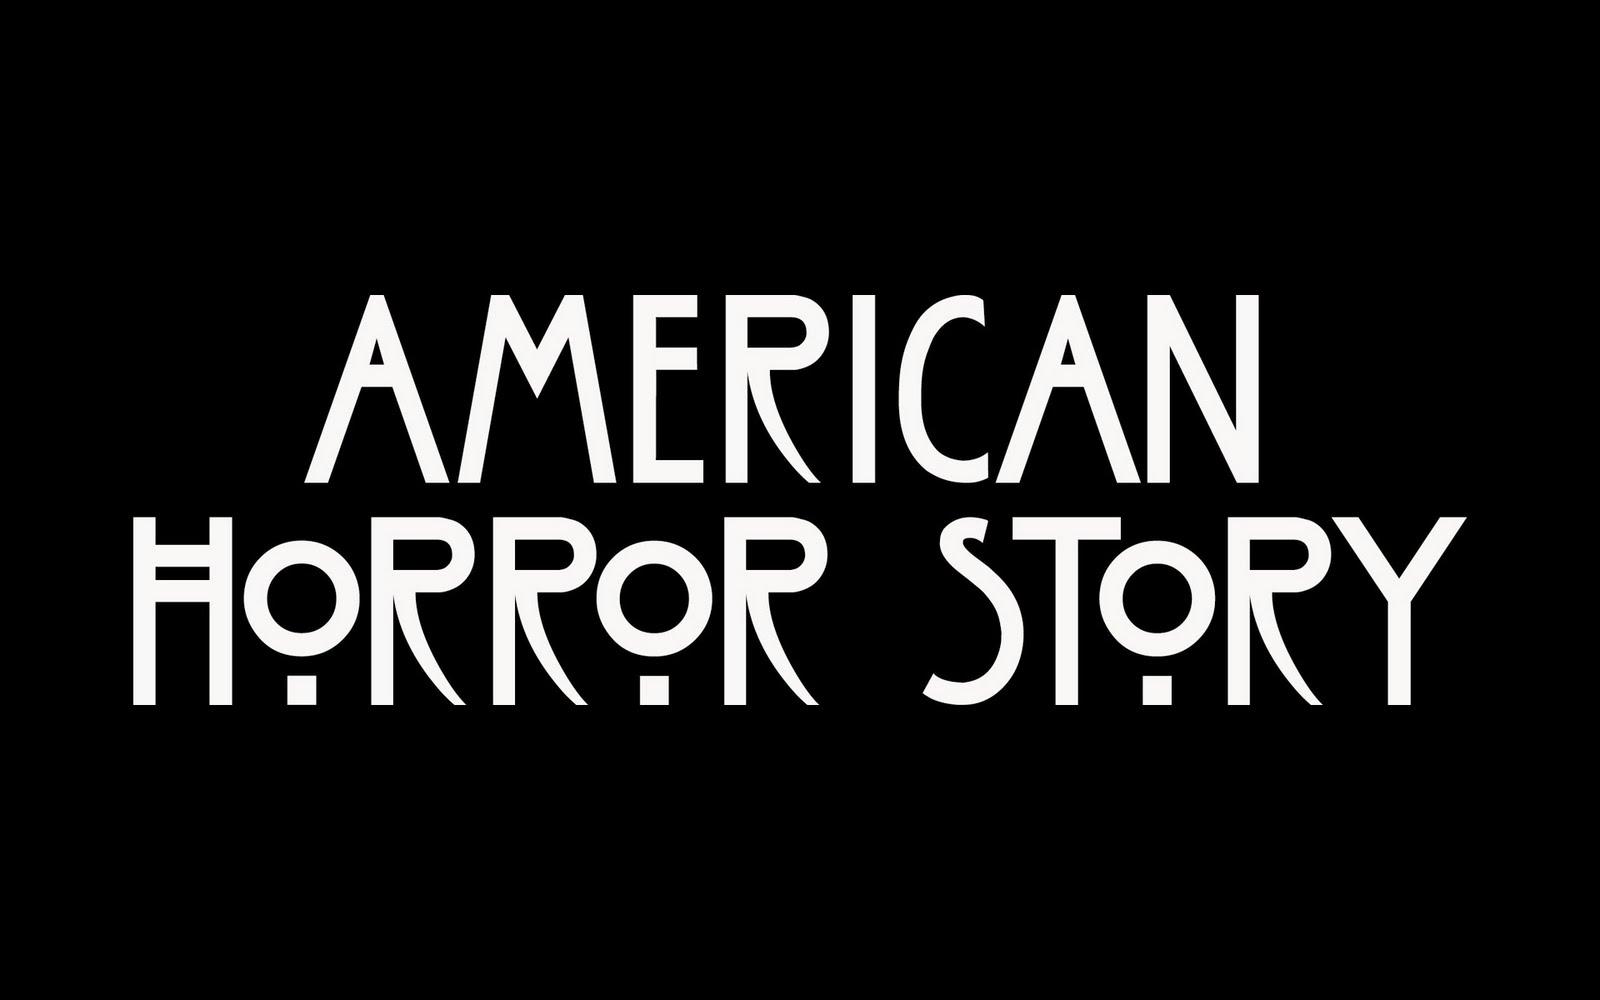 American Horror Story – Info de la serie American Horror Story – Curiosidades, capítulos y noticias